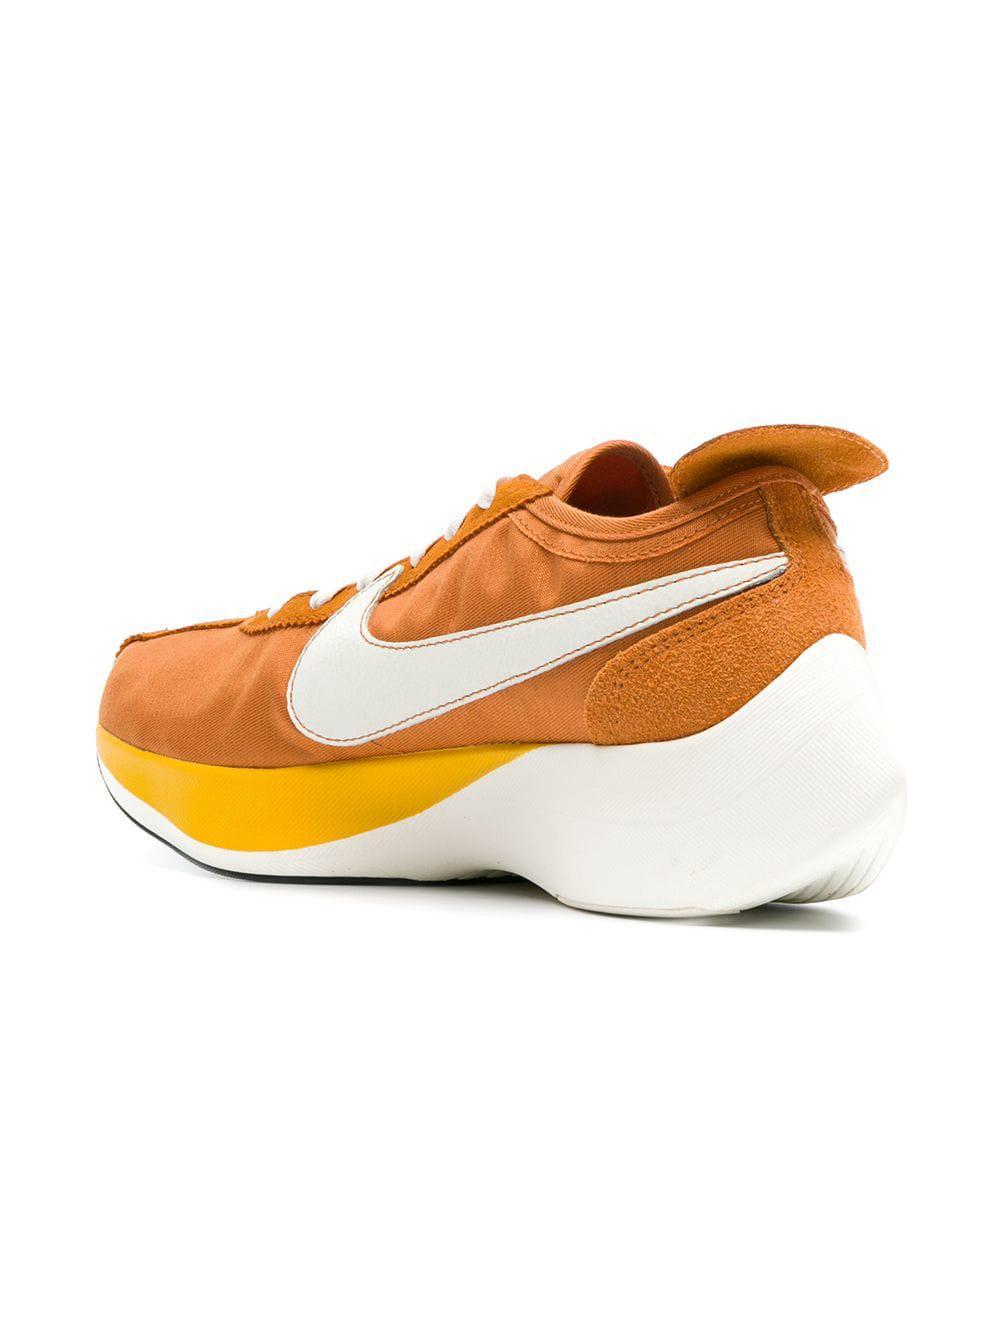 Nike - Orange Moon Racer Sneakers for Men - Lyst. View fullscreen 7e2156387